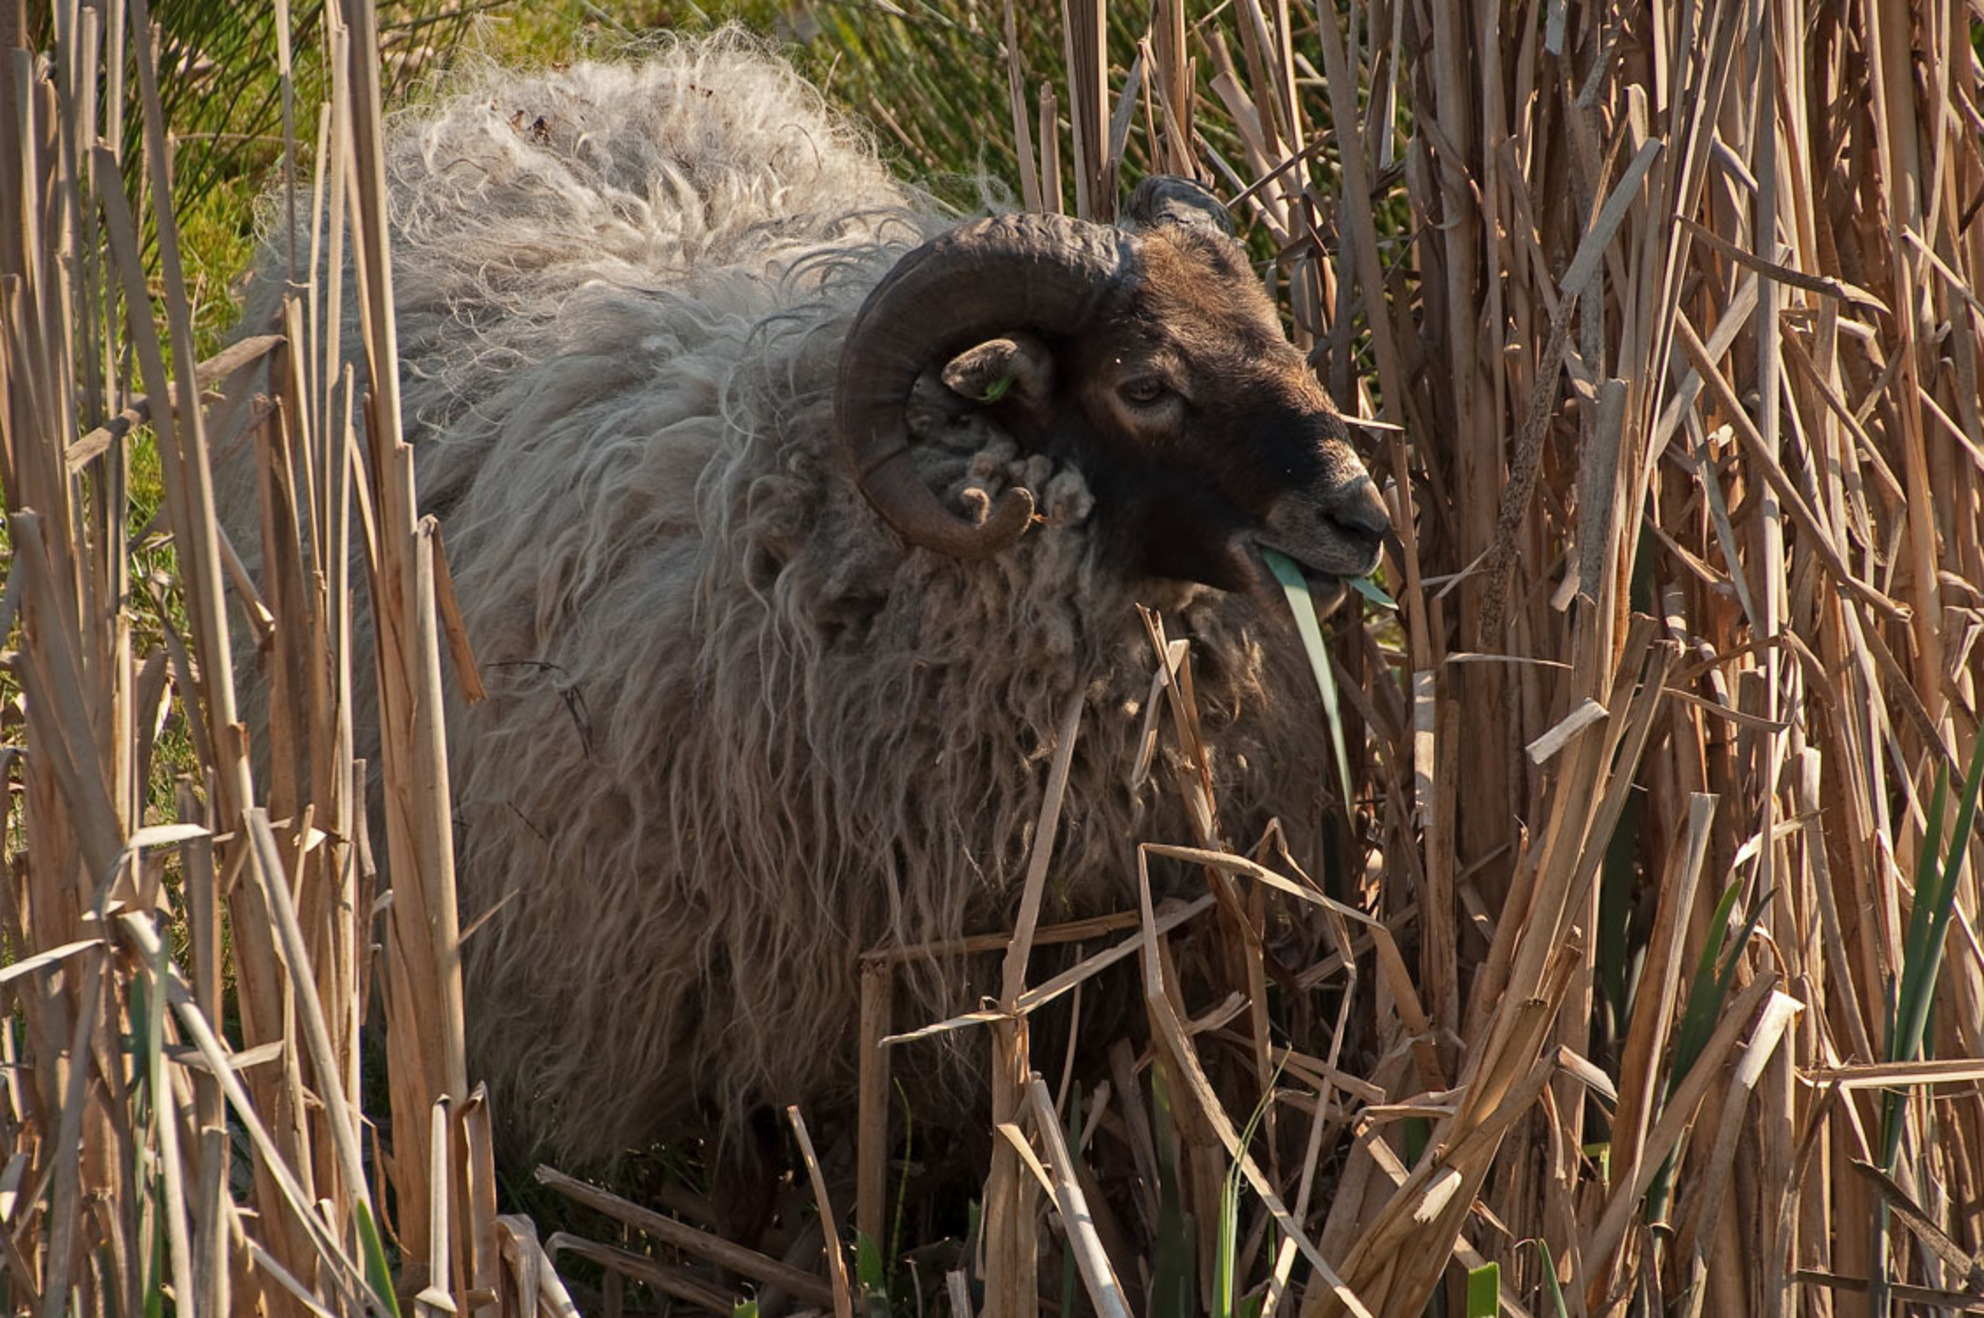 Drents heideschaap - Tijdens een wandeling in de omgeving wilde dit Drentse heideschaap wel even poseren - foto door accbun op 14-04-2019 - deze foto bevat: lente, natuur, dieren, voorjaar, nederland, drents heideschaap